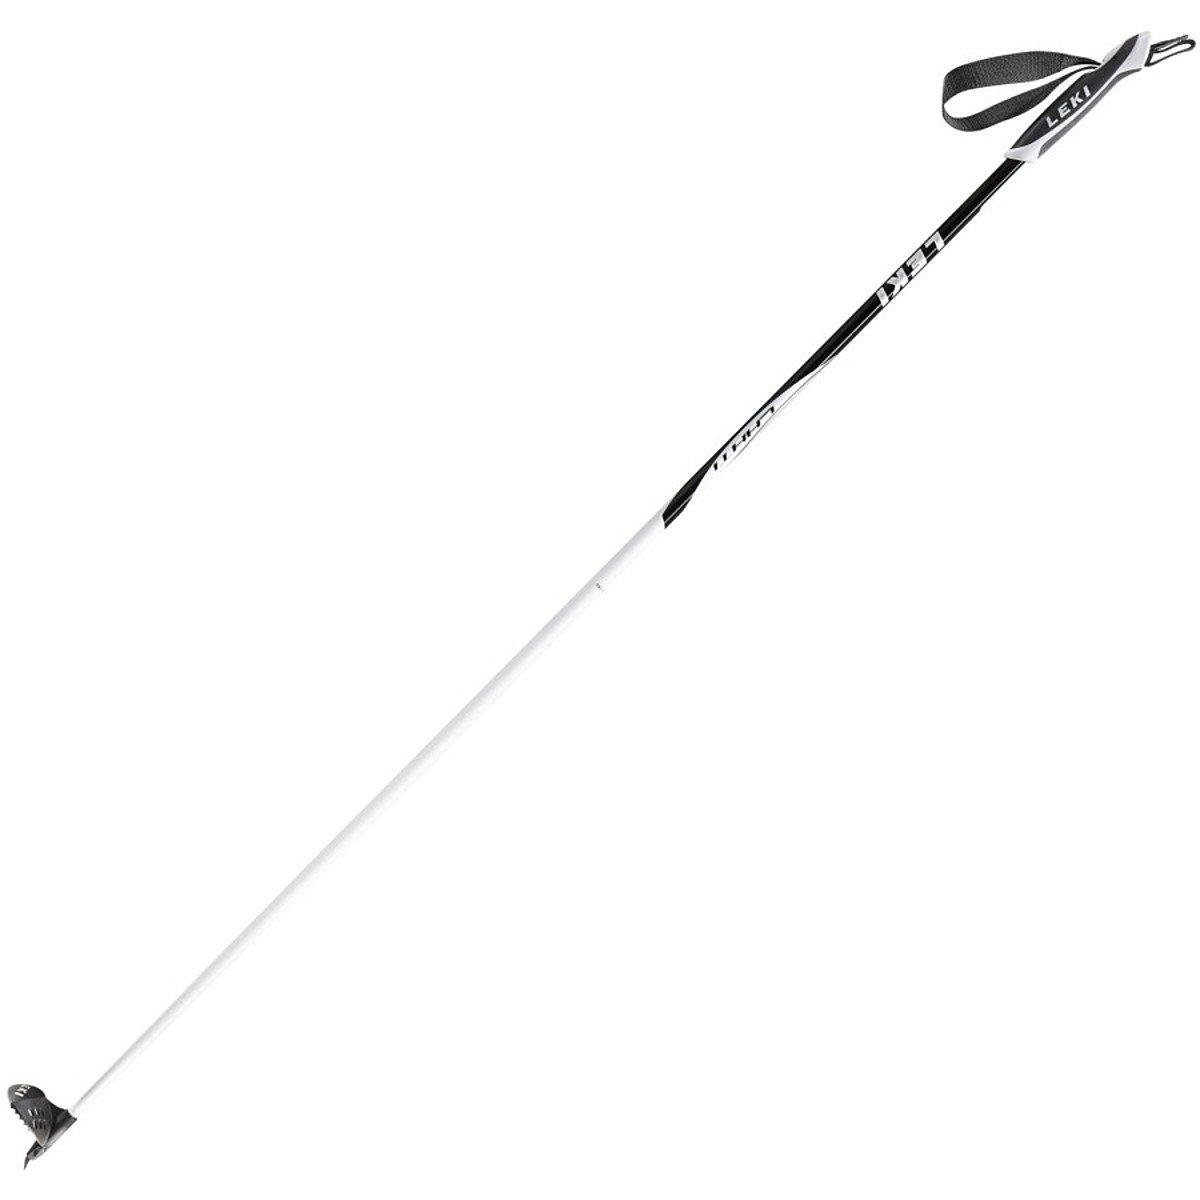 Leki Lahti Stick 635-4934 Unisex, Weiß